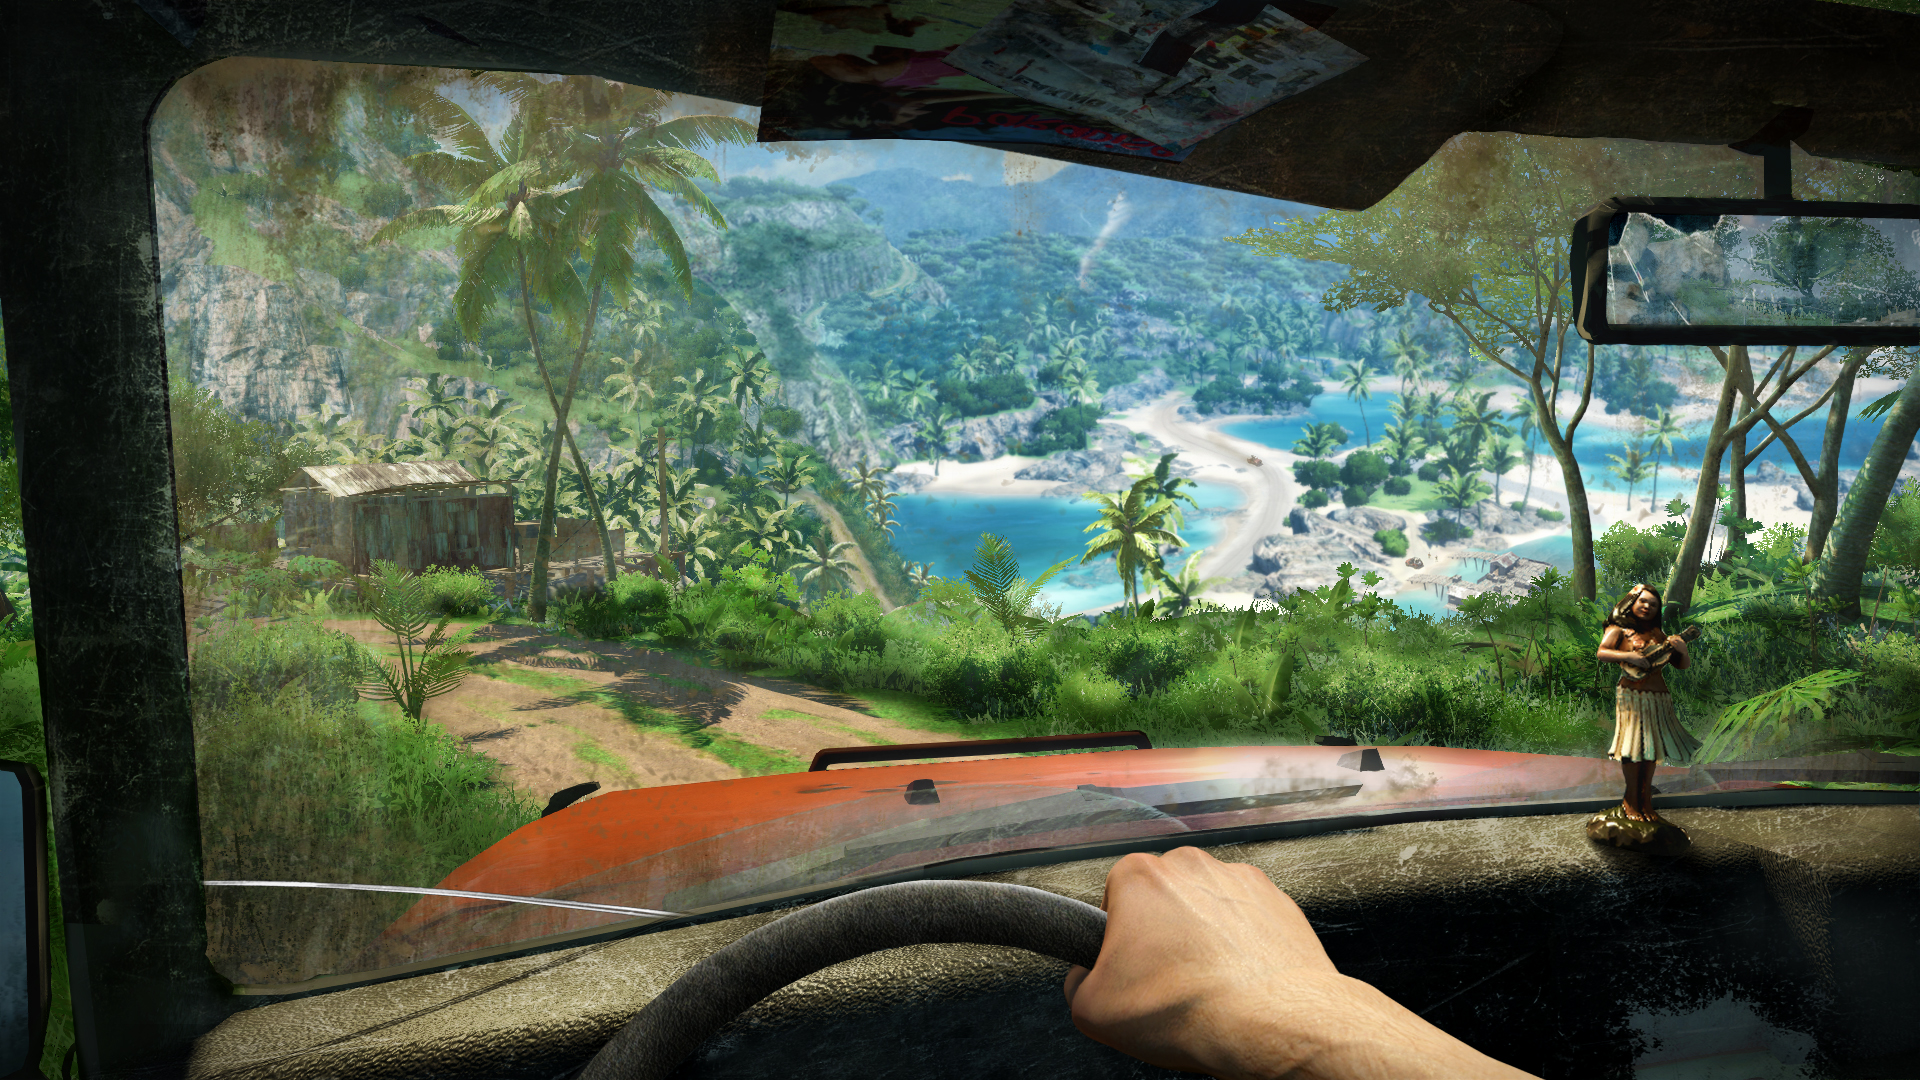 ¿Tienes lo necesario para correr Far Cry 3 en PC? [Requerimientos]